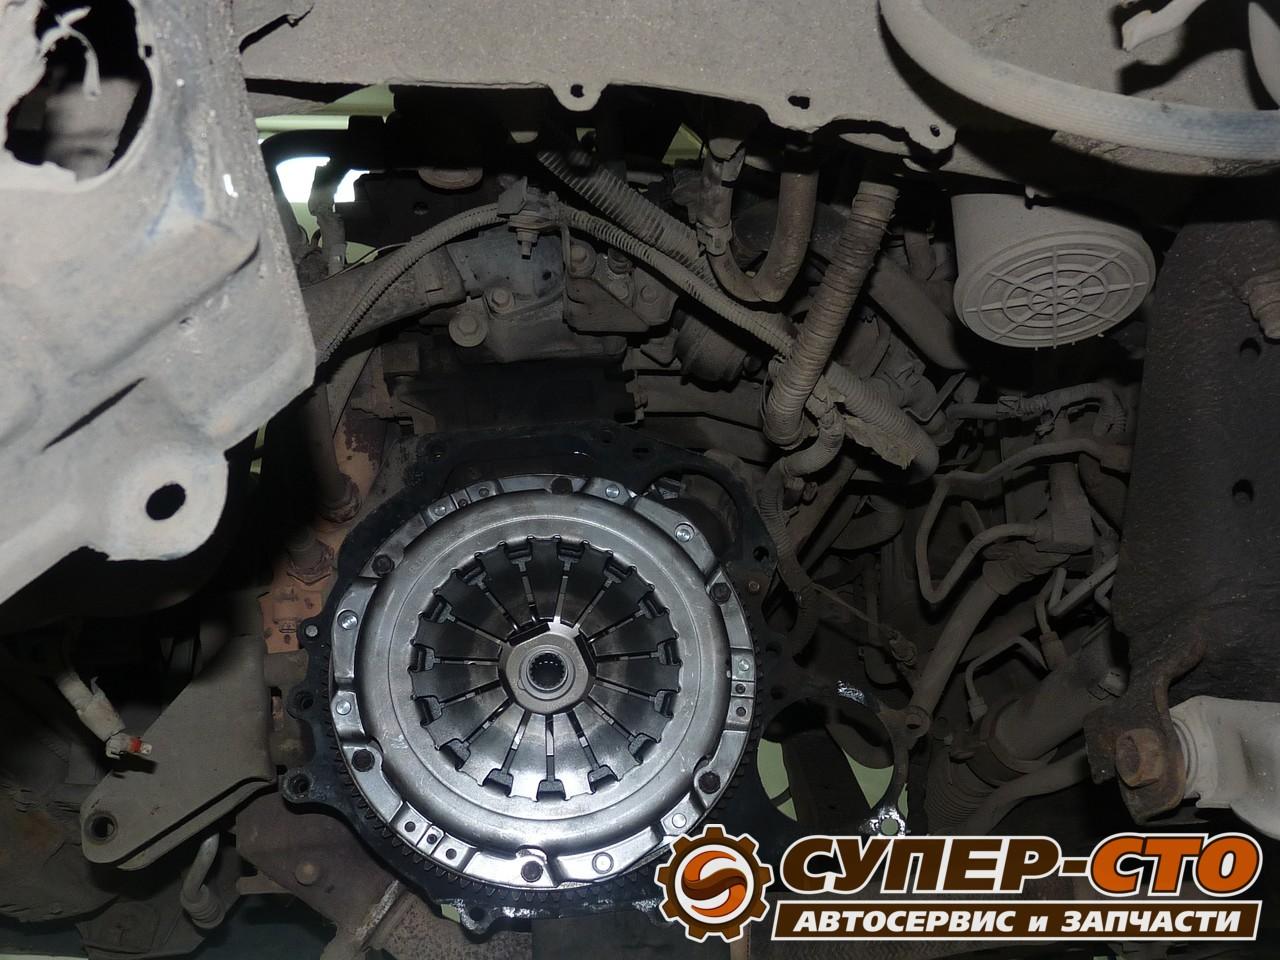 Самостоятельная замена сцепления Nissan Almera N16 54